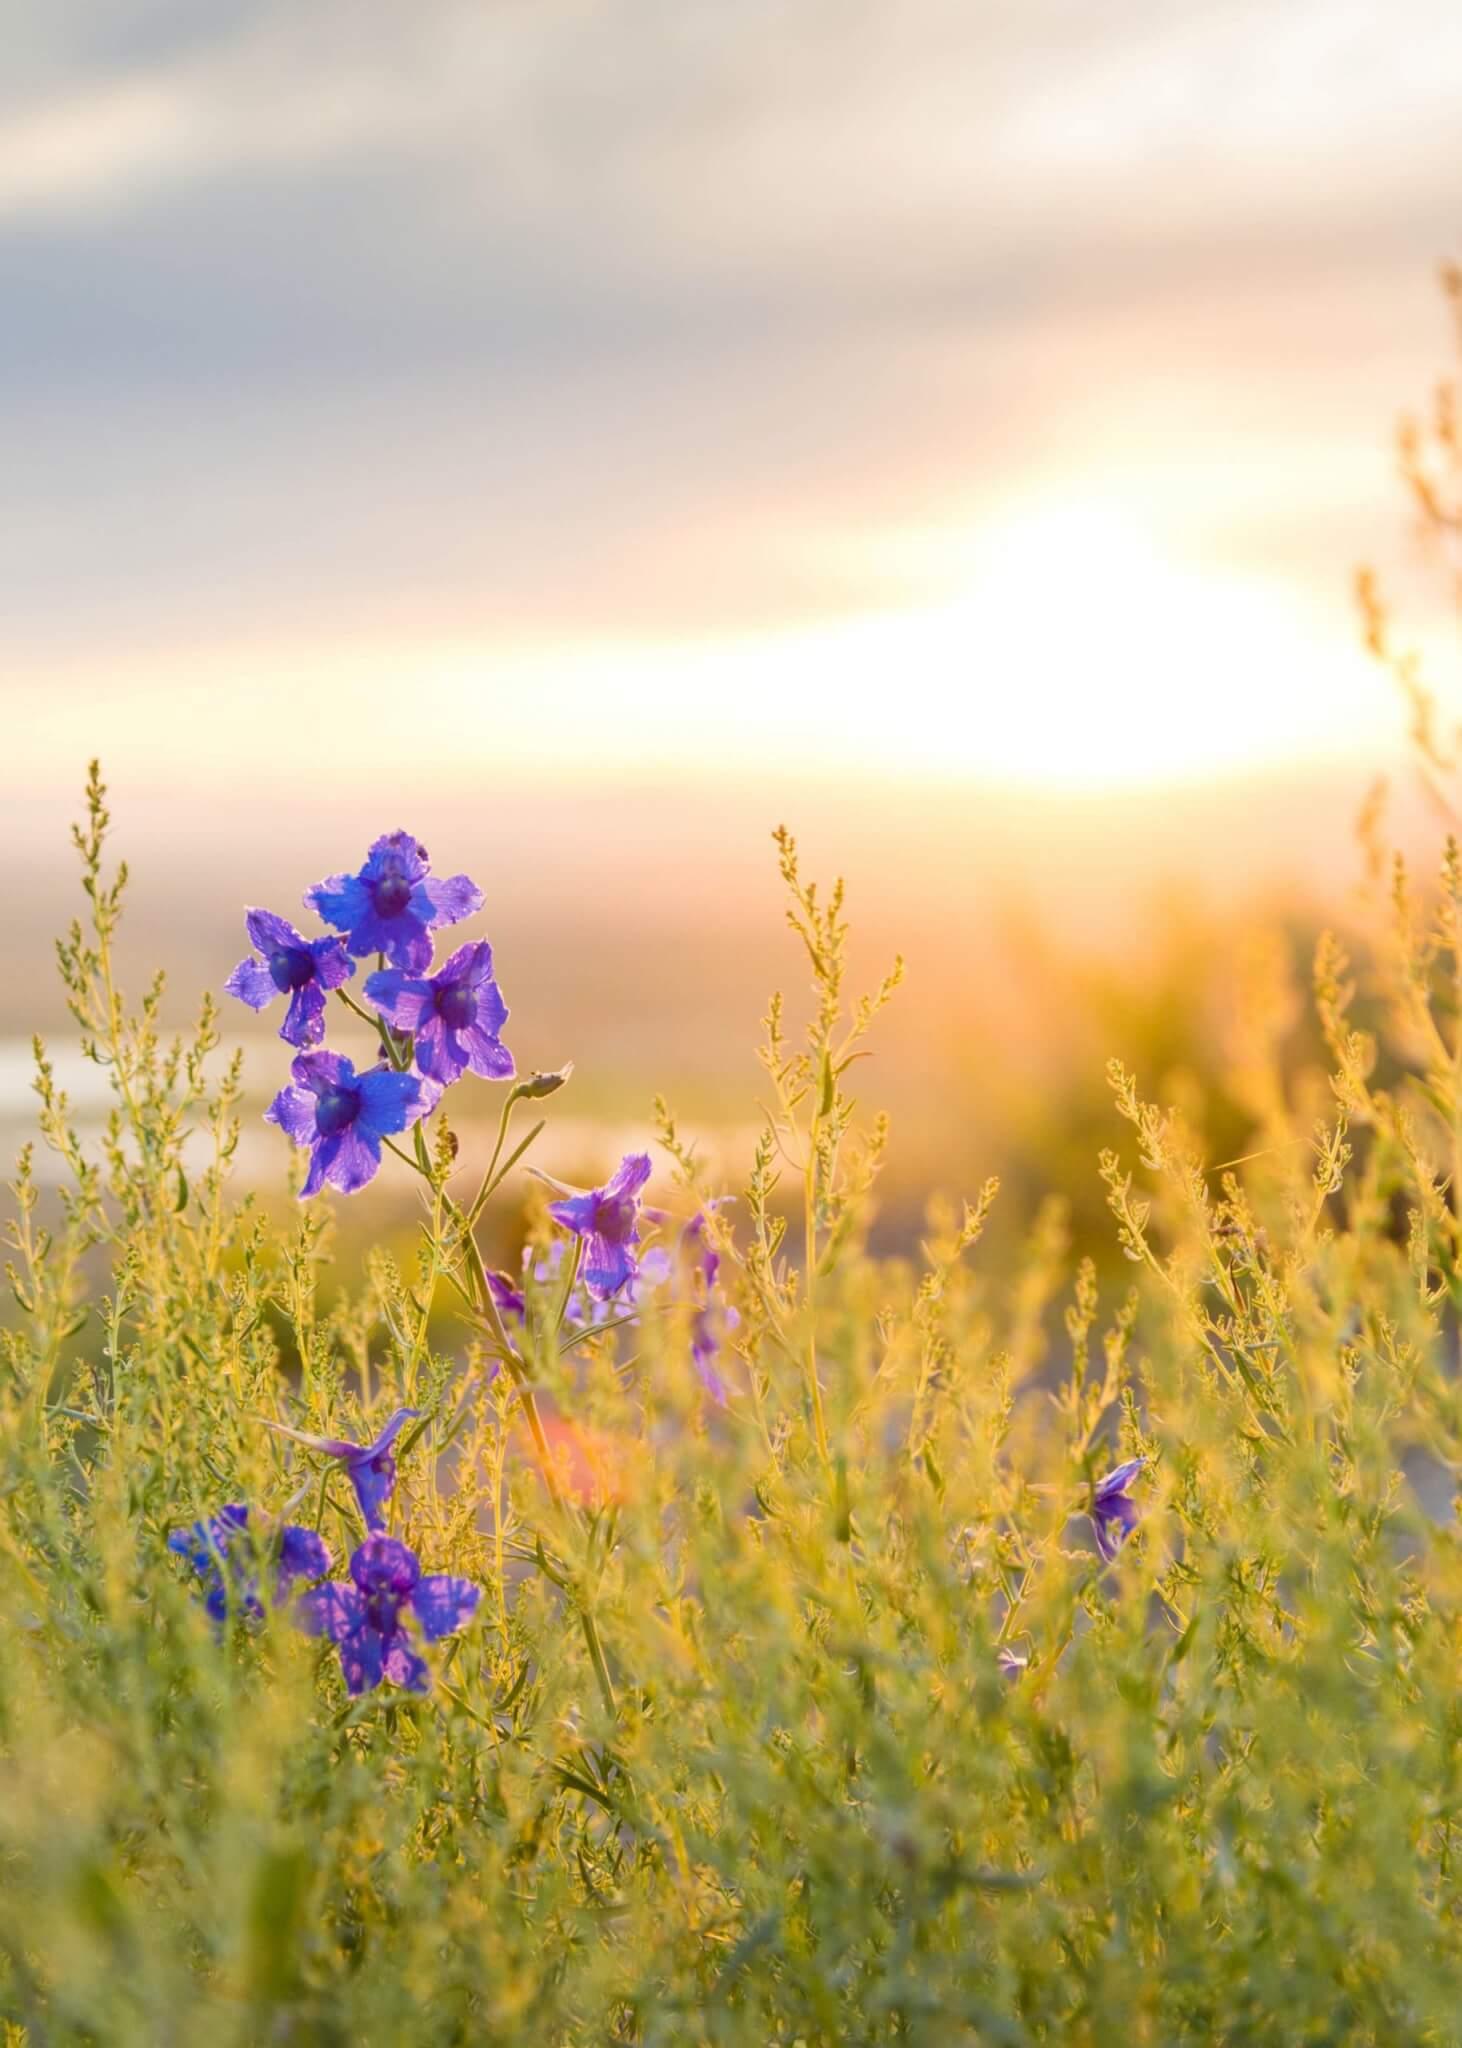 purple flower in field at sunrise